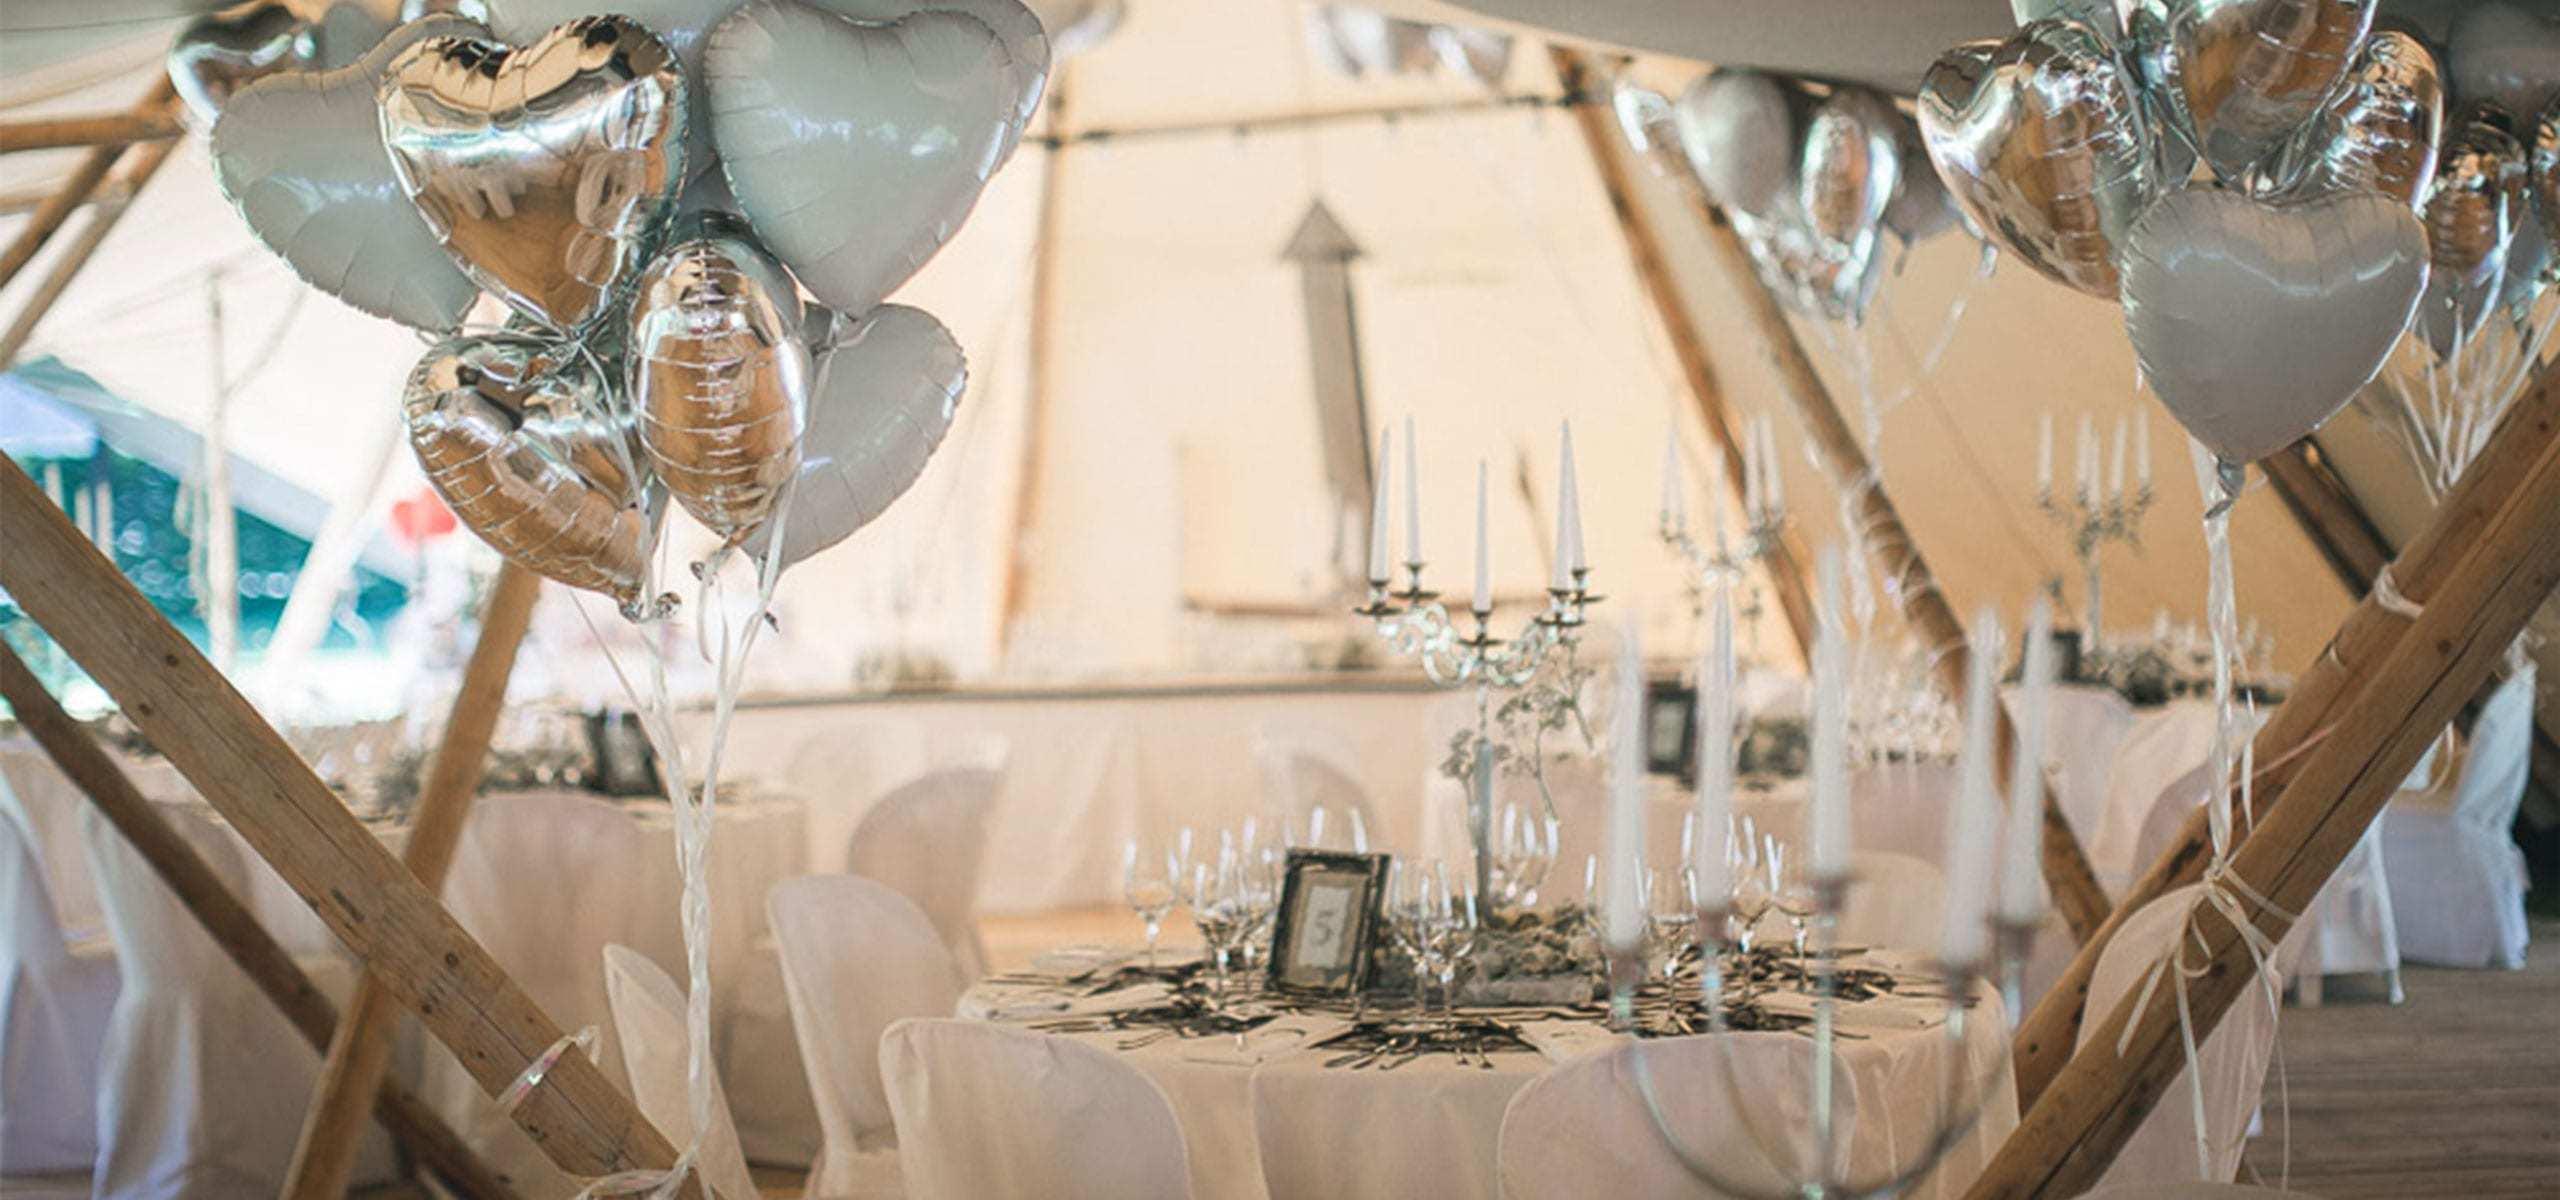 hochzeit landhotel hallnberg tipi zelt - feiern im zelt